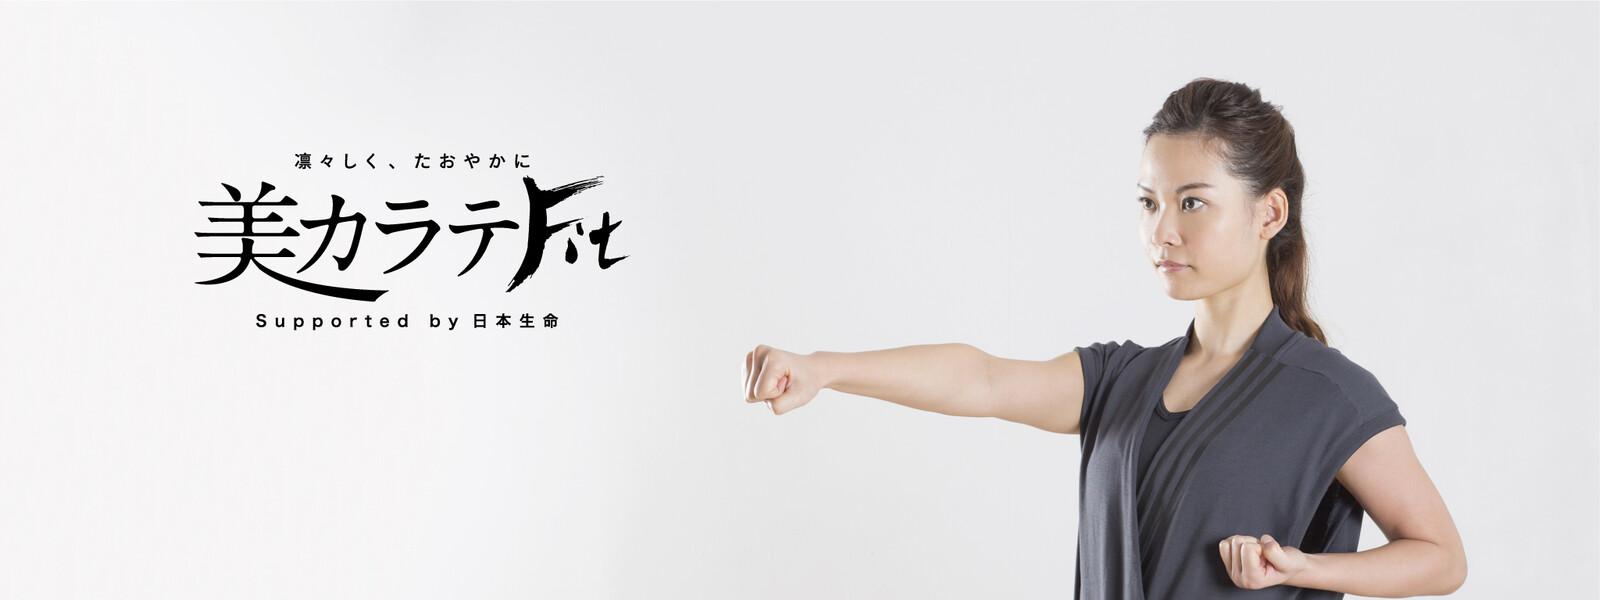 凛々しく、たおやかに 美カラテFit Supported by 日本生命 動画